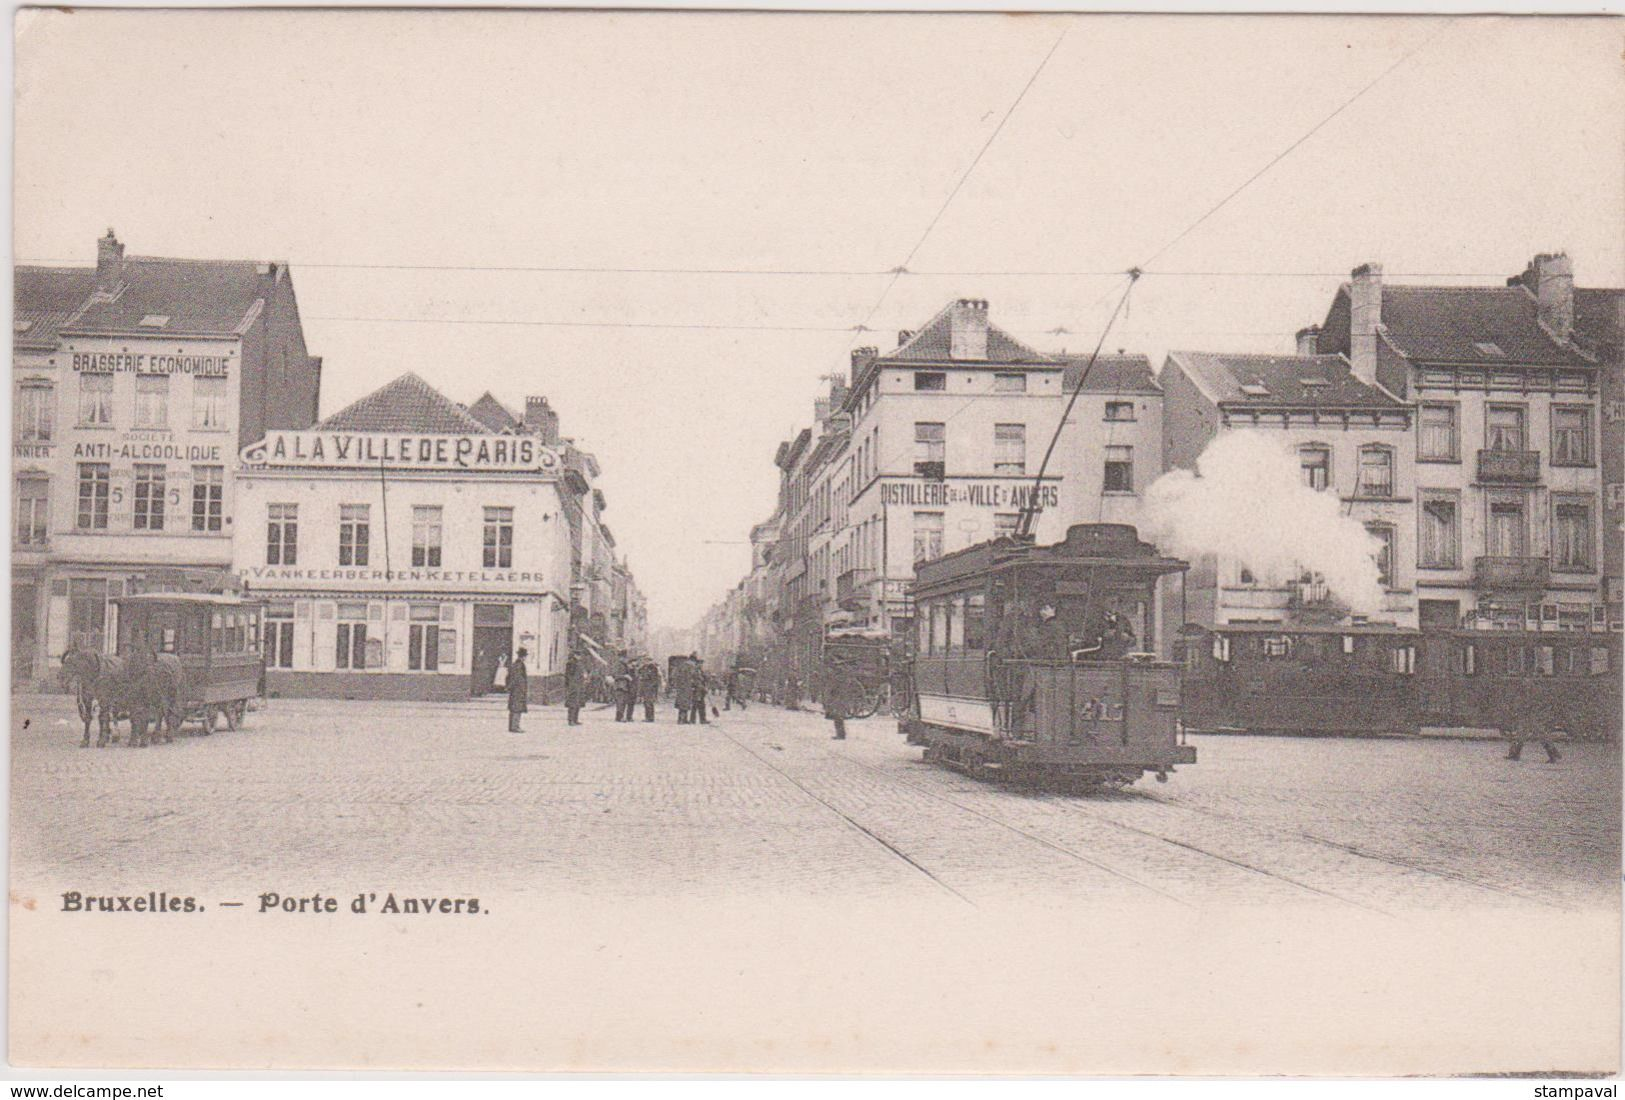 Bruxelbourg Central - Un réseau modulaire urbain à picots (suite) - Page 22 8b864c3ec7afbbae14e583ad401f4d5a